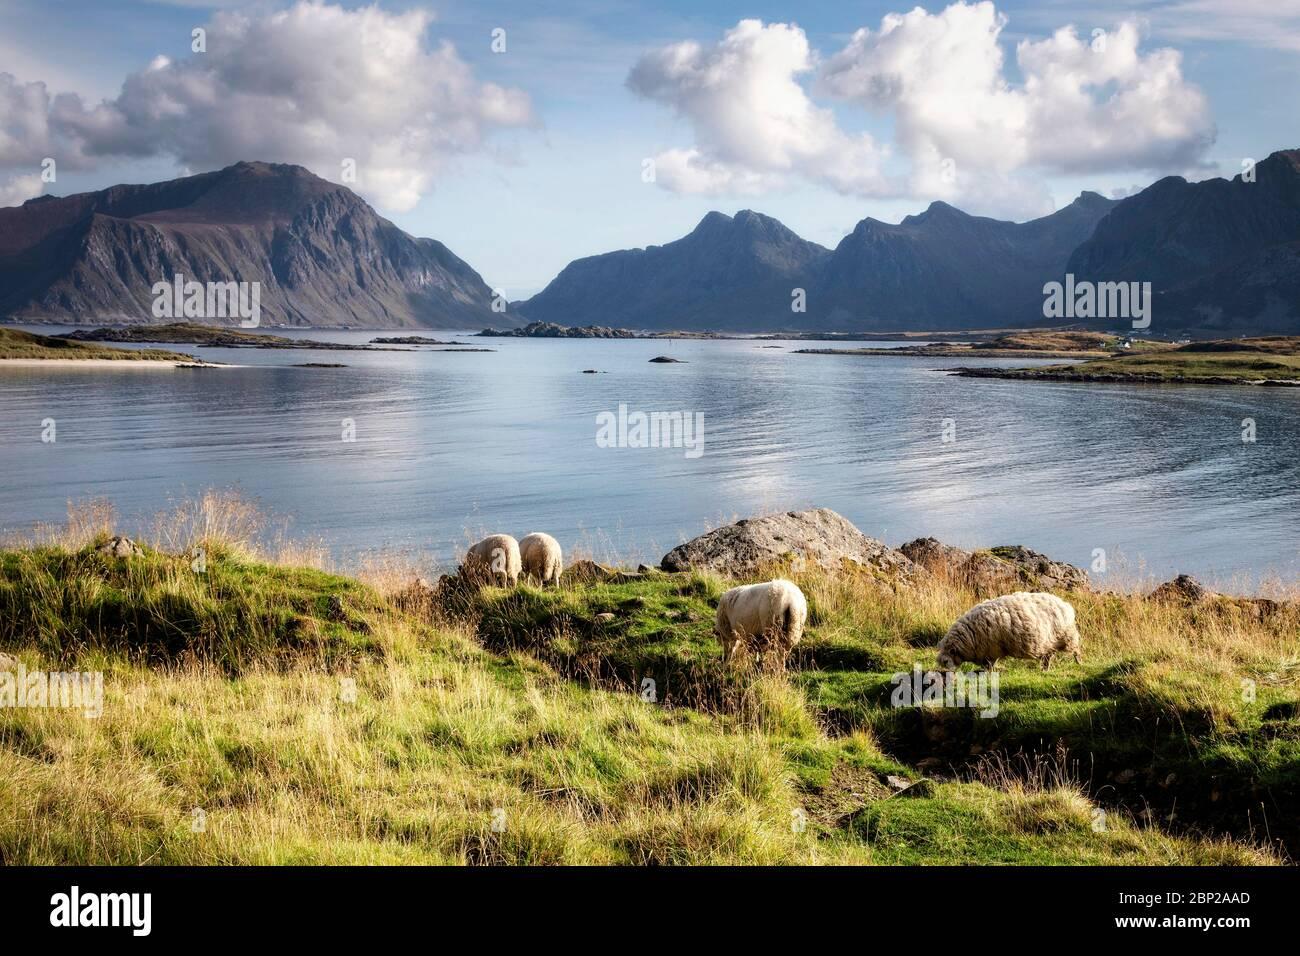 Schafe weiden an der Nordküste von Moskenesoya, Lofoten-Inseln, Norwegen. Stockfoto